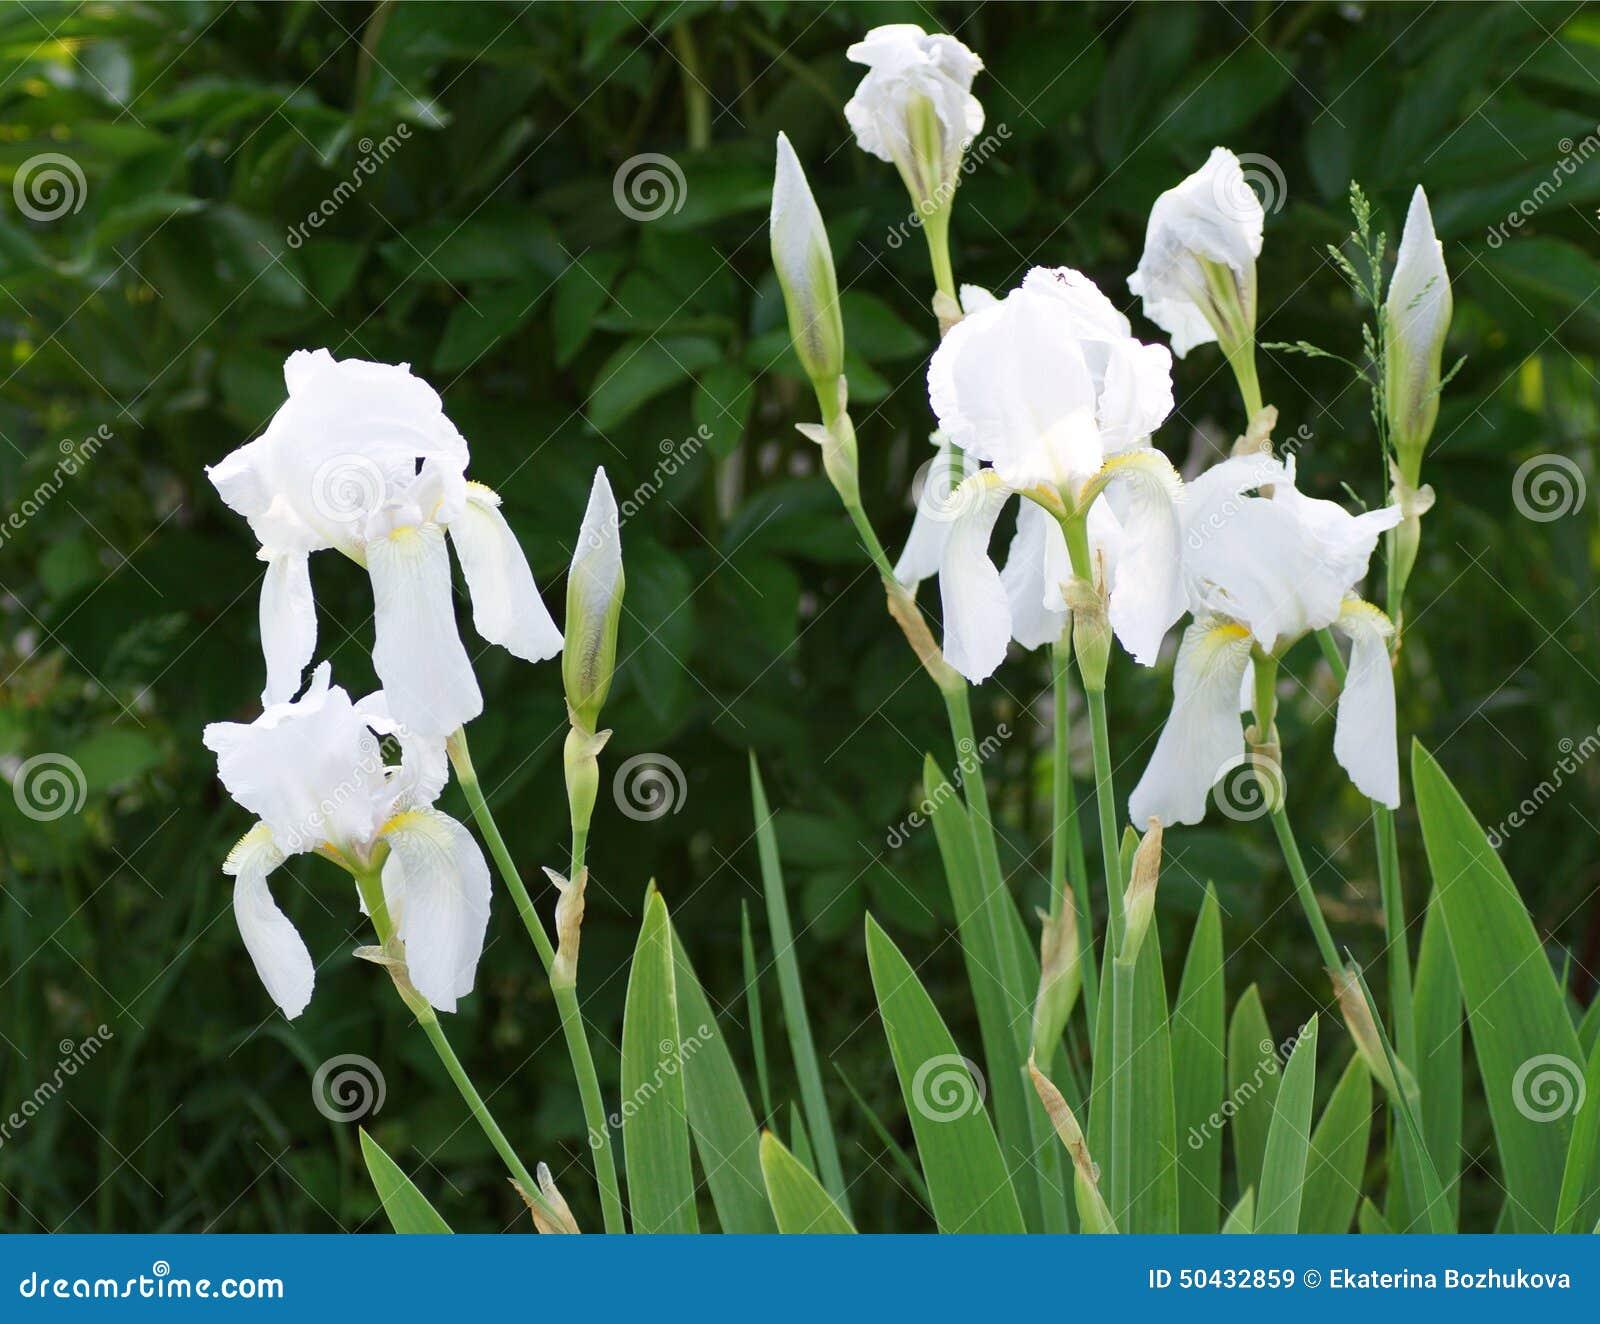 White iris flower in the garden stock image image of blooming white iris flower in the garden izmirmasajfo